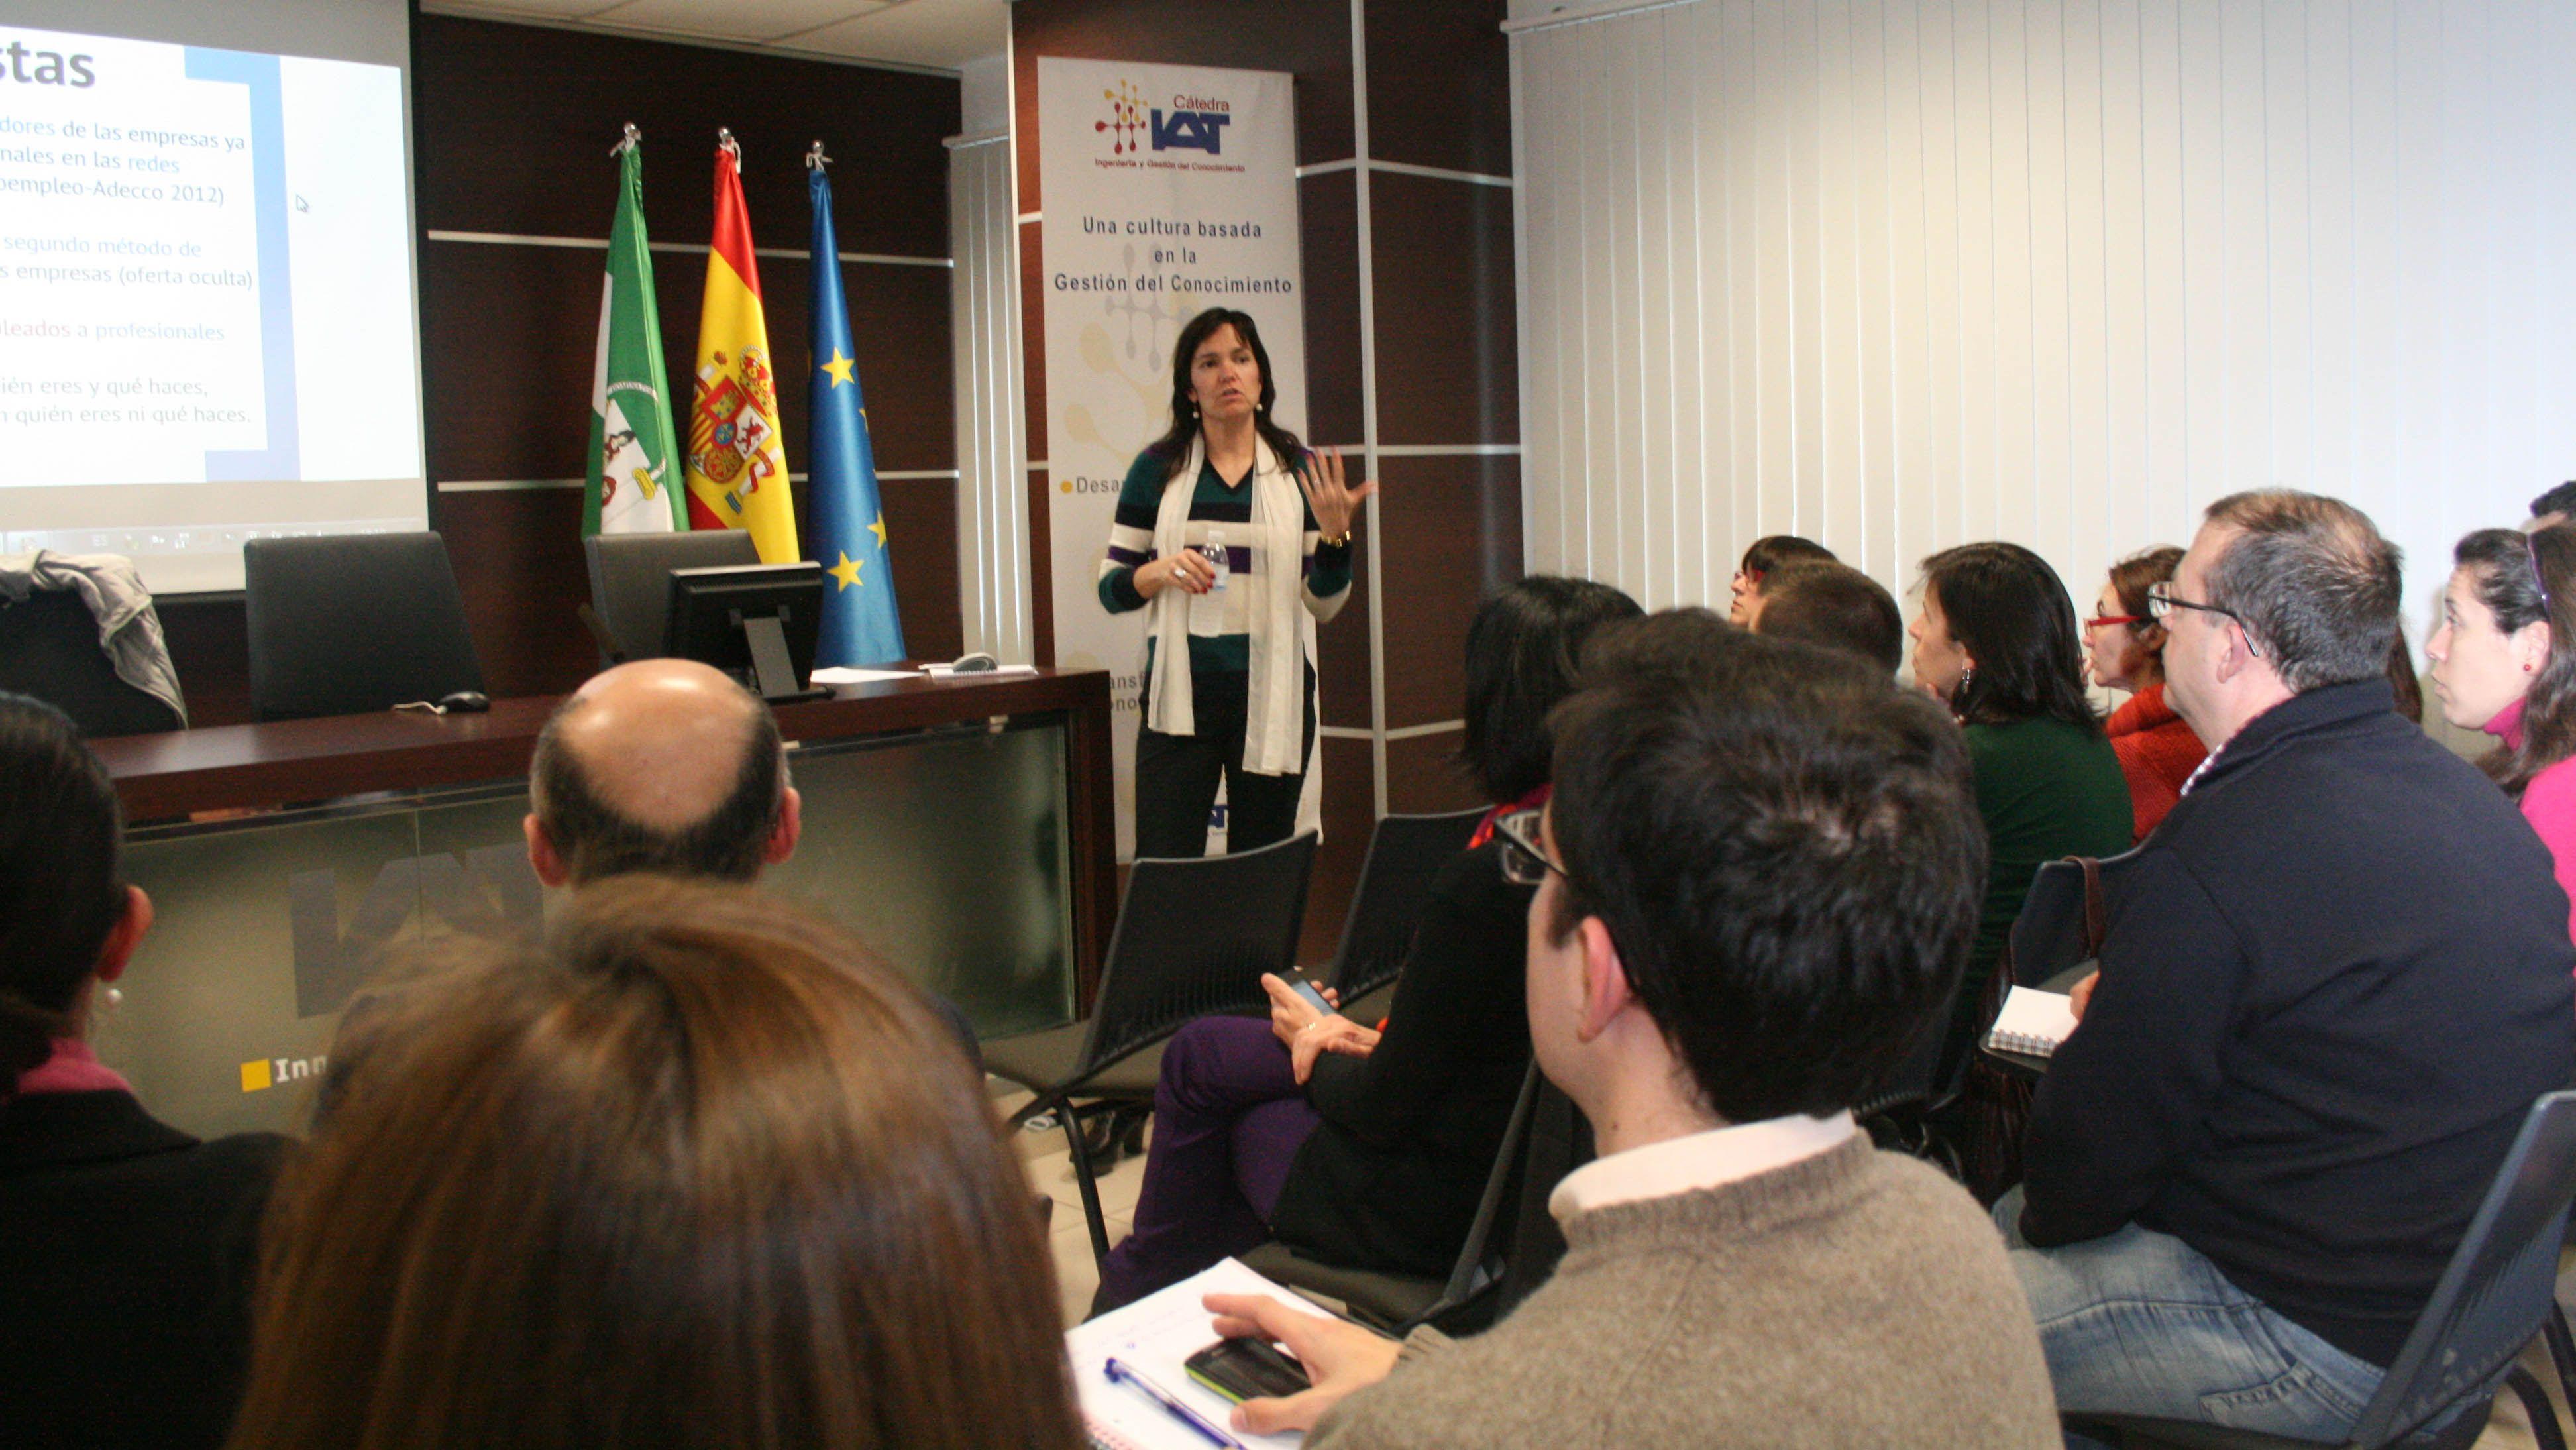 Luisa Arana. Responsable de la Escuela Europea de Competencias (EEC)